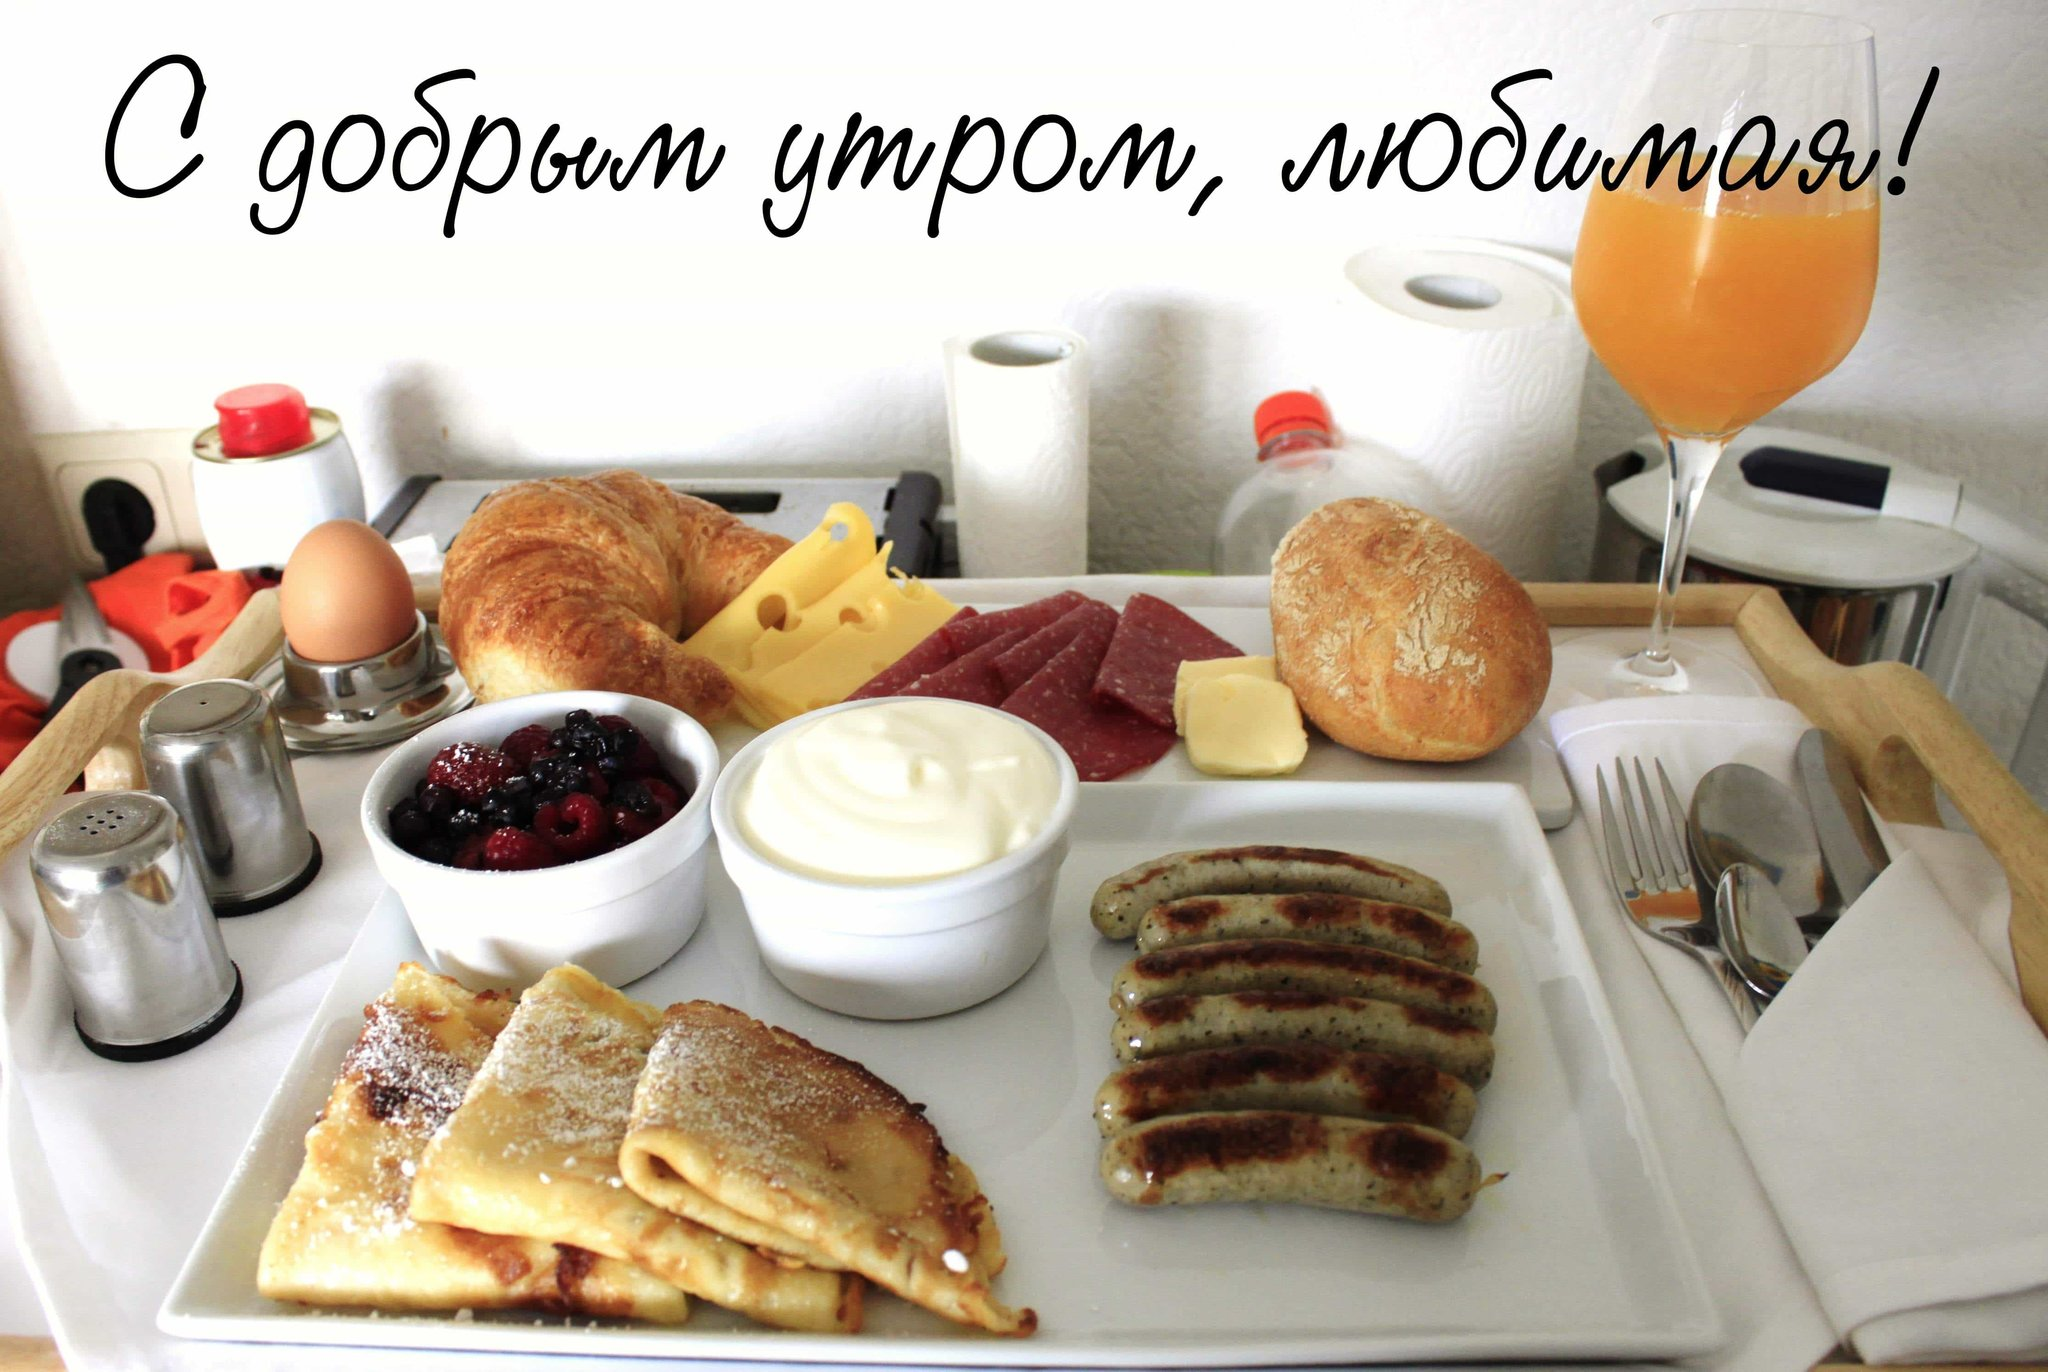 доброе утро картинки с юмором и едой каталоге